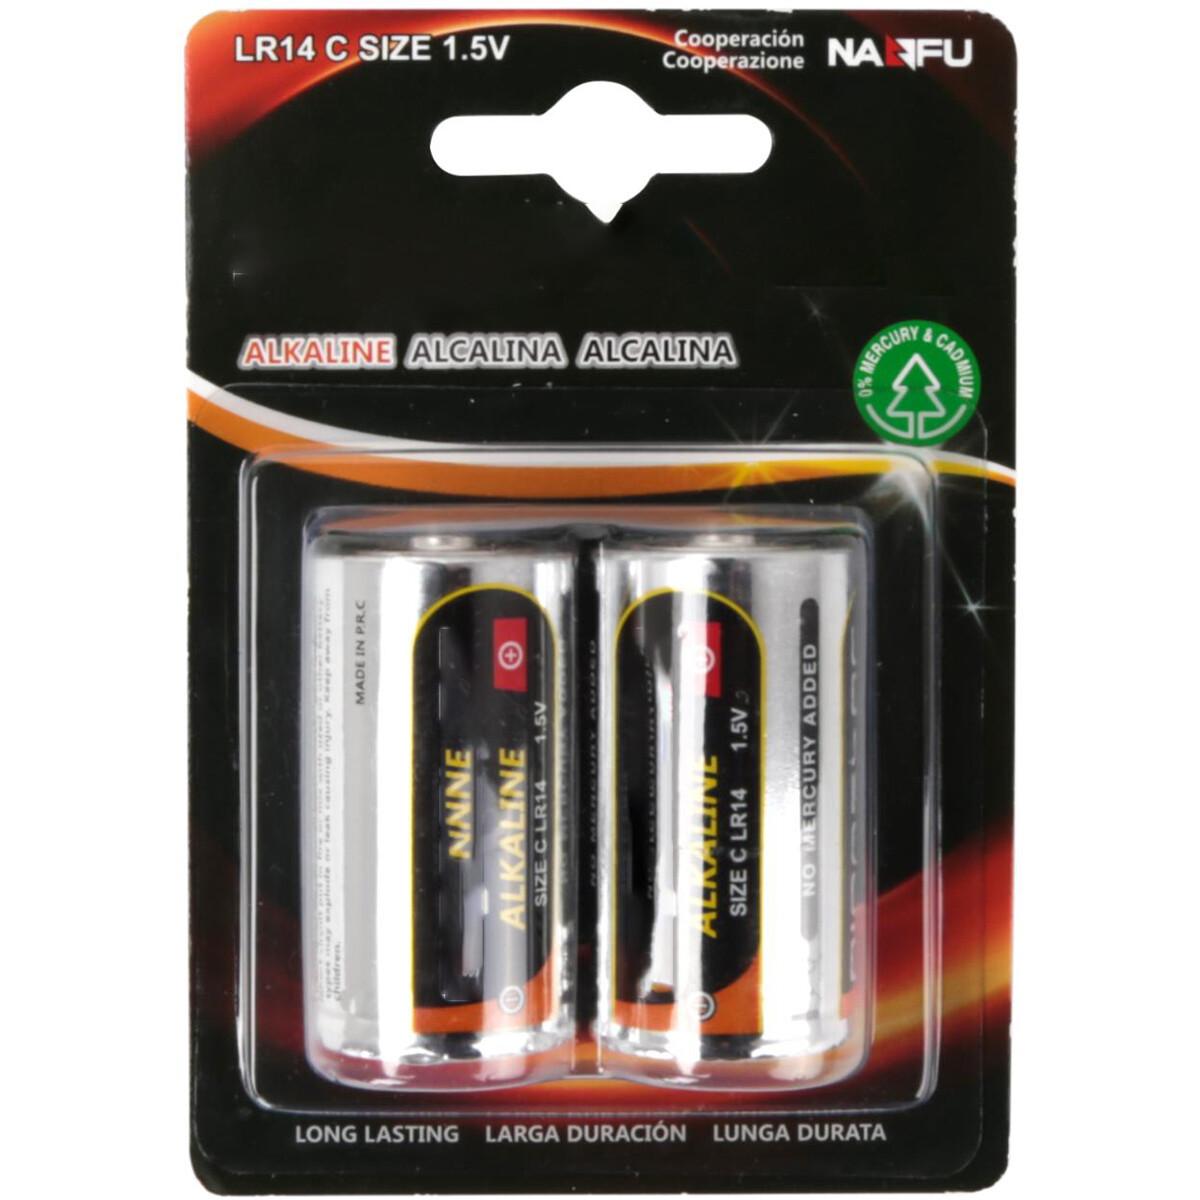 Batterij - Aigi Vino - LR14/C - 1.5V - Alkaline Batterijen - 2 Stuks